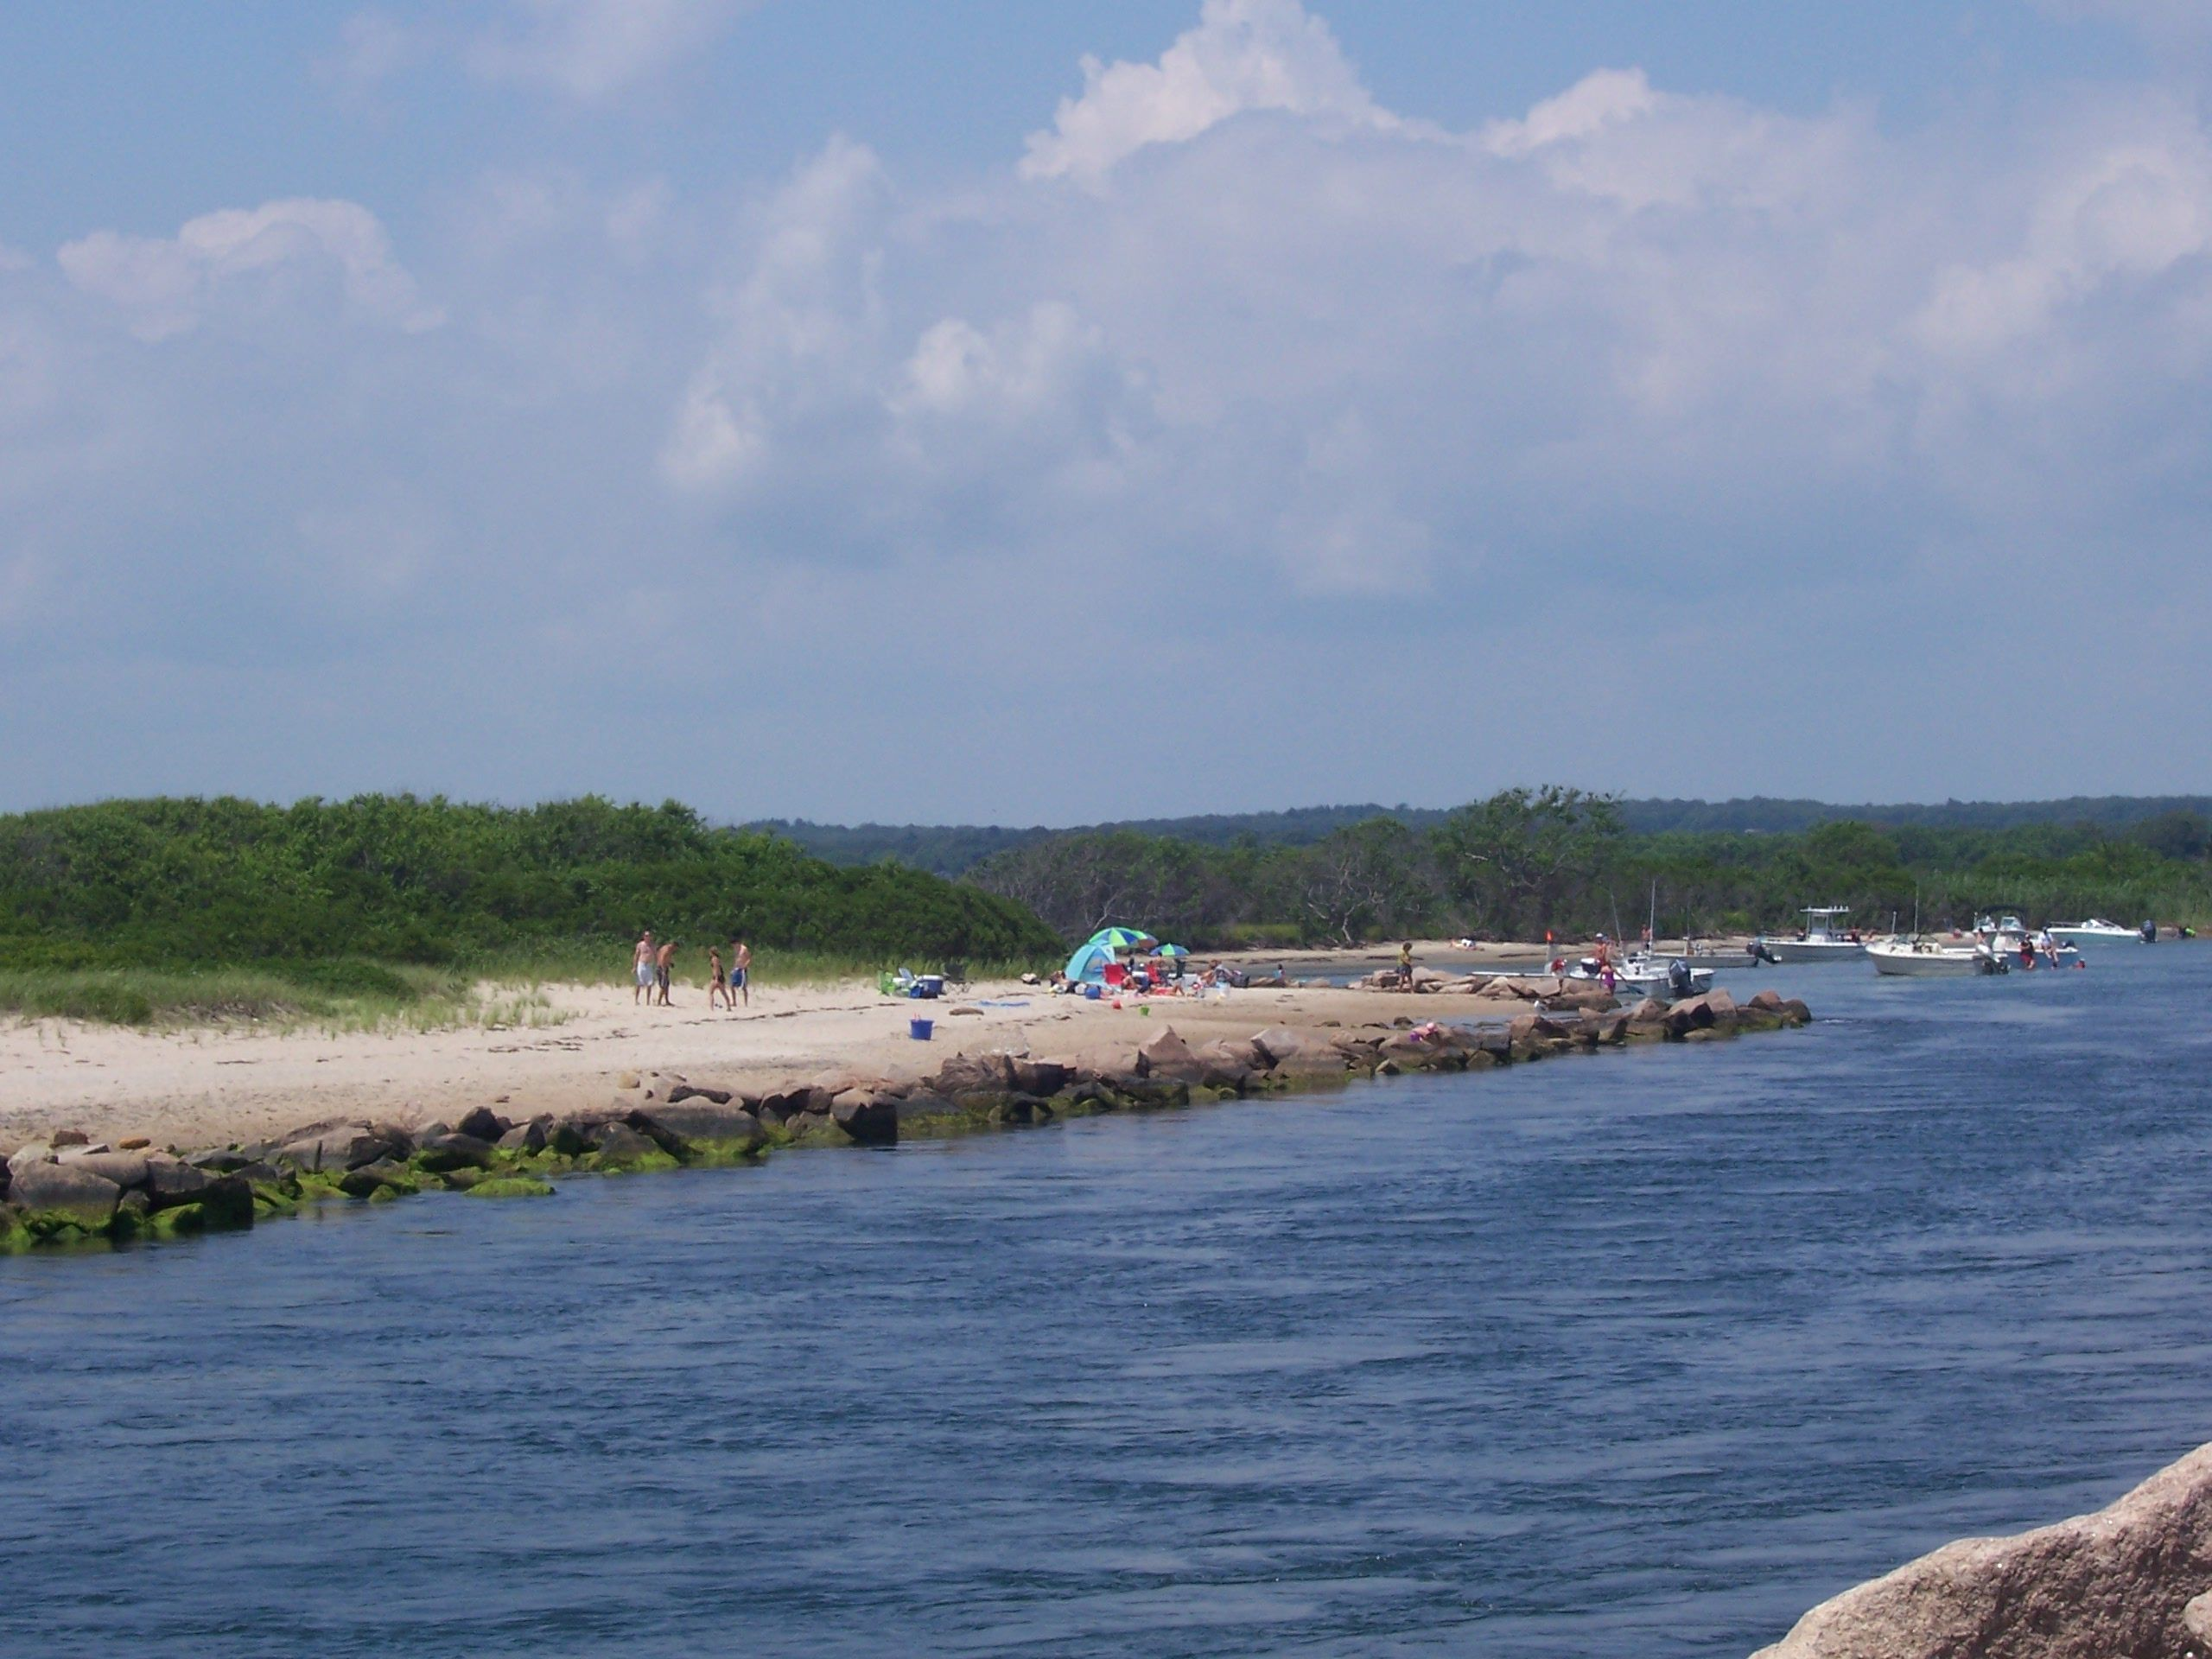 Charlestown Breachway State Beach Campground, Charlestown